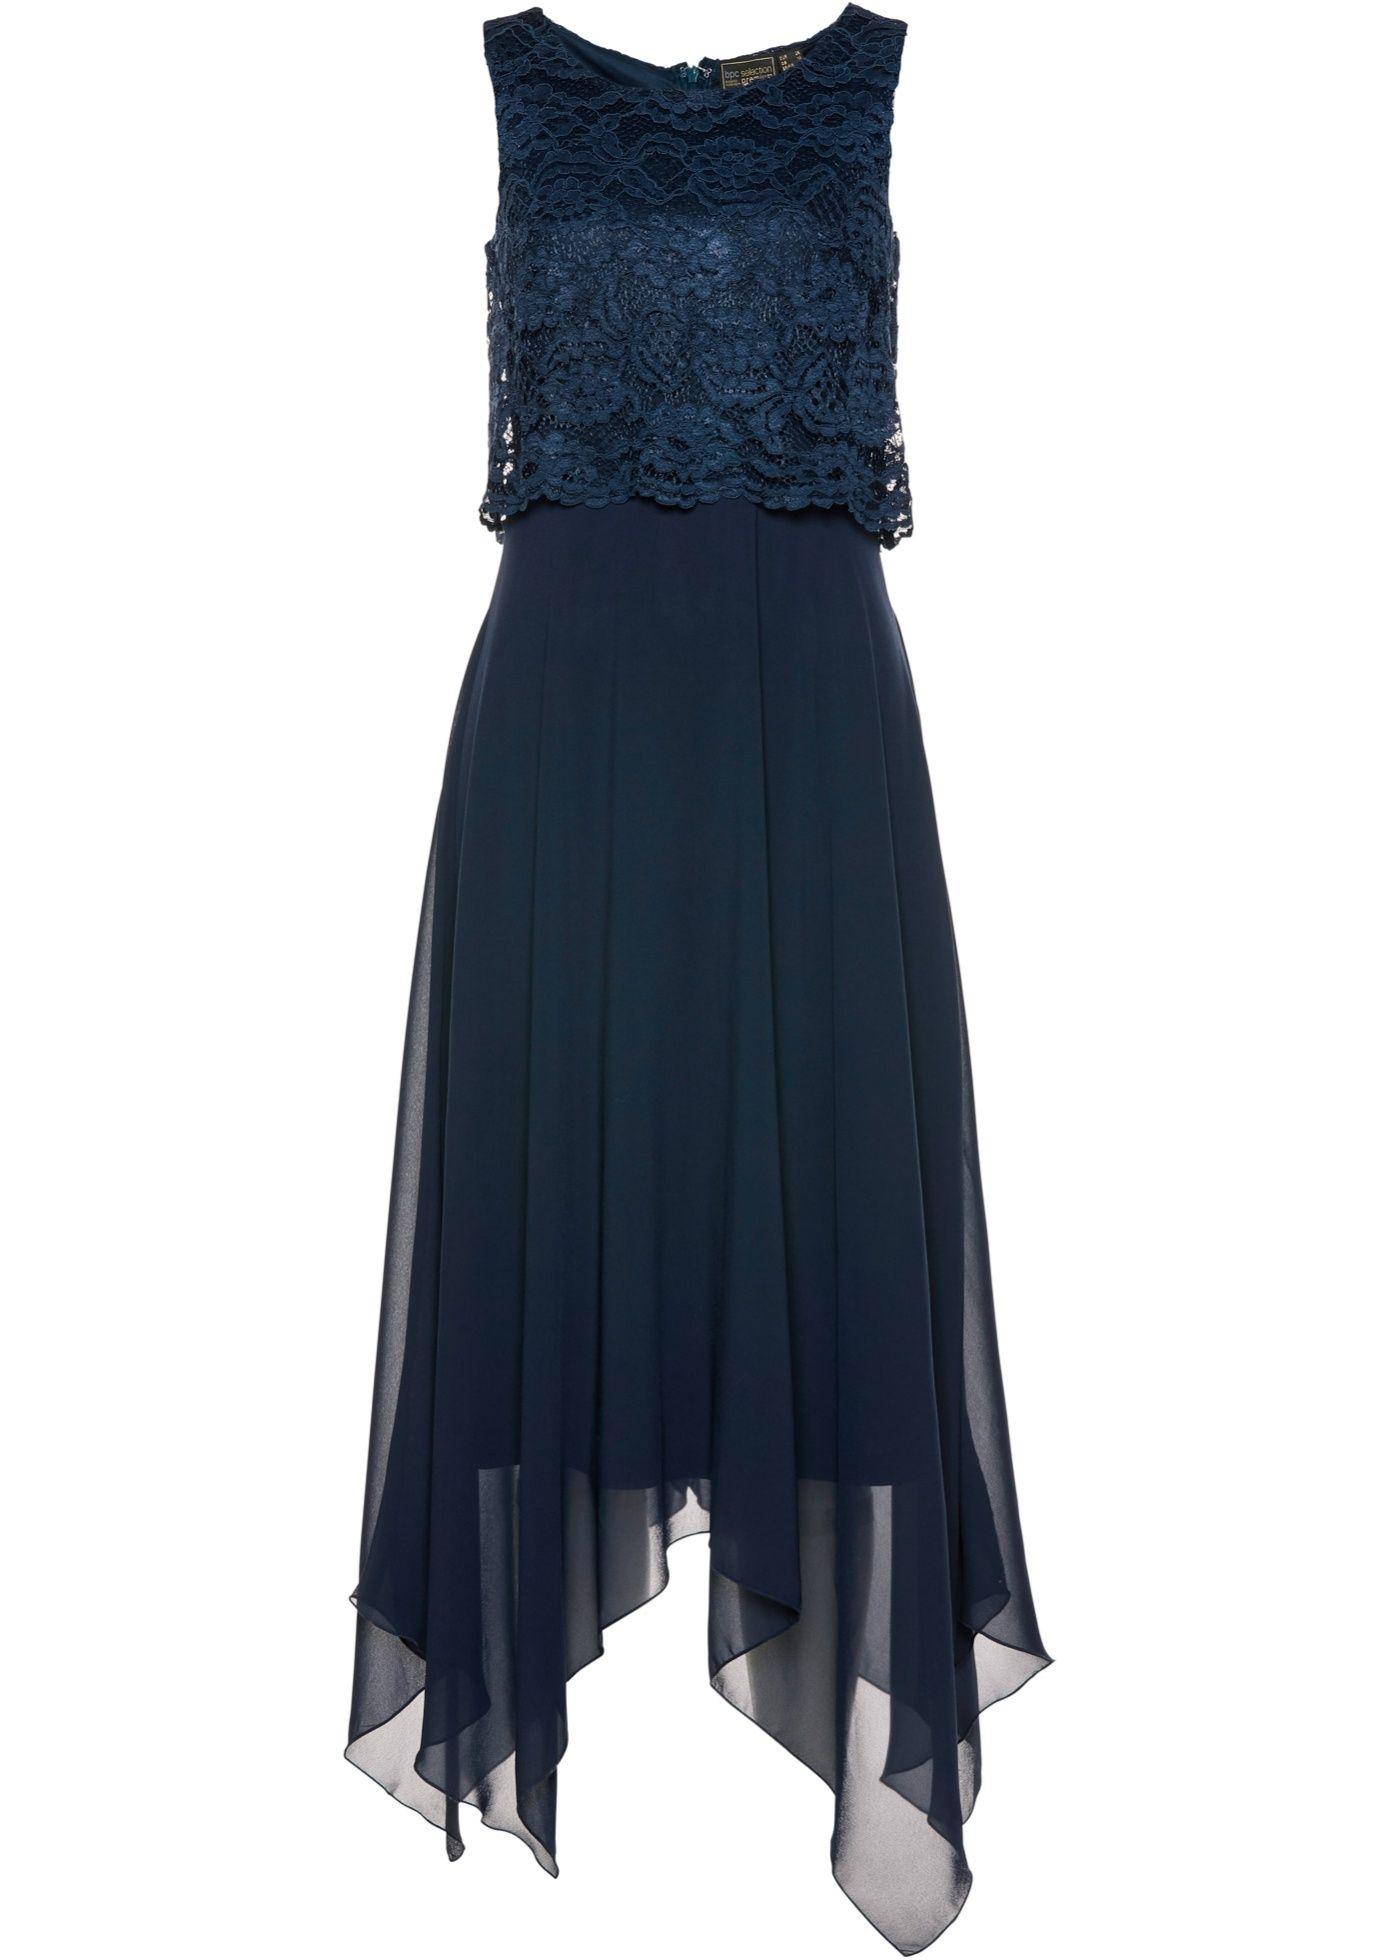 Premium Kleid (mit Bildern)  Kleidung mode, Kleider, Schwarzes kleid